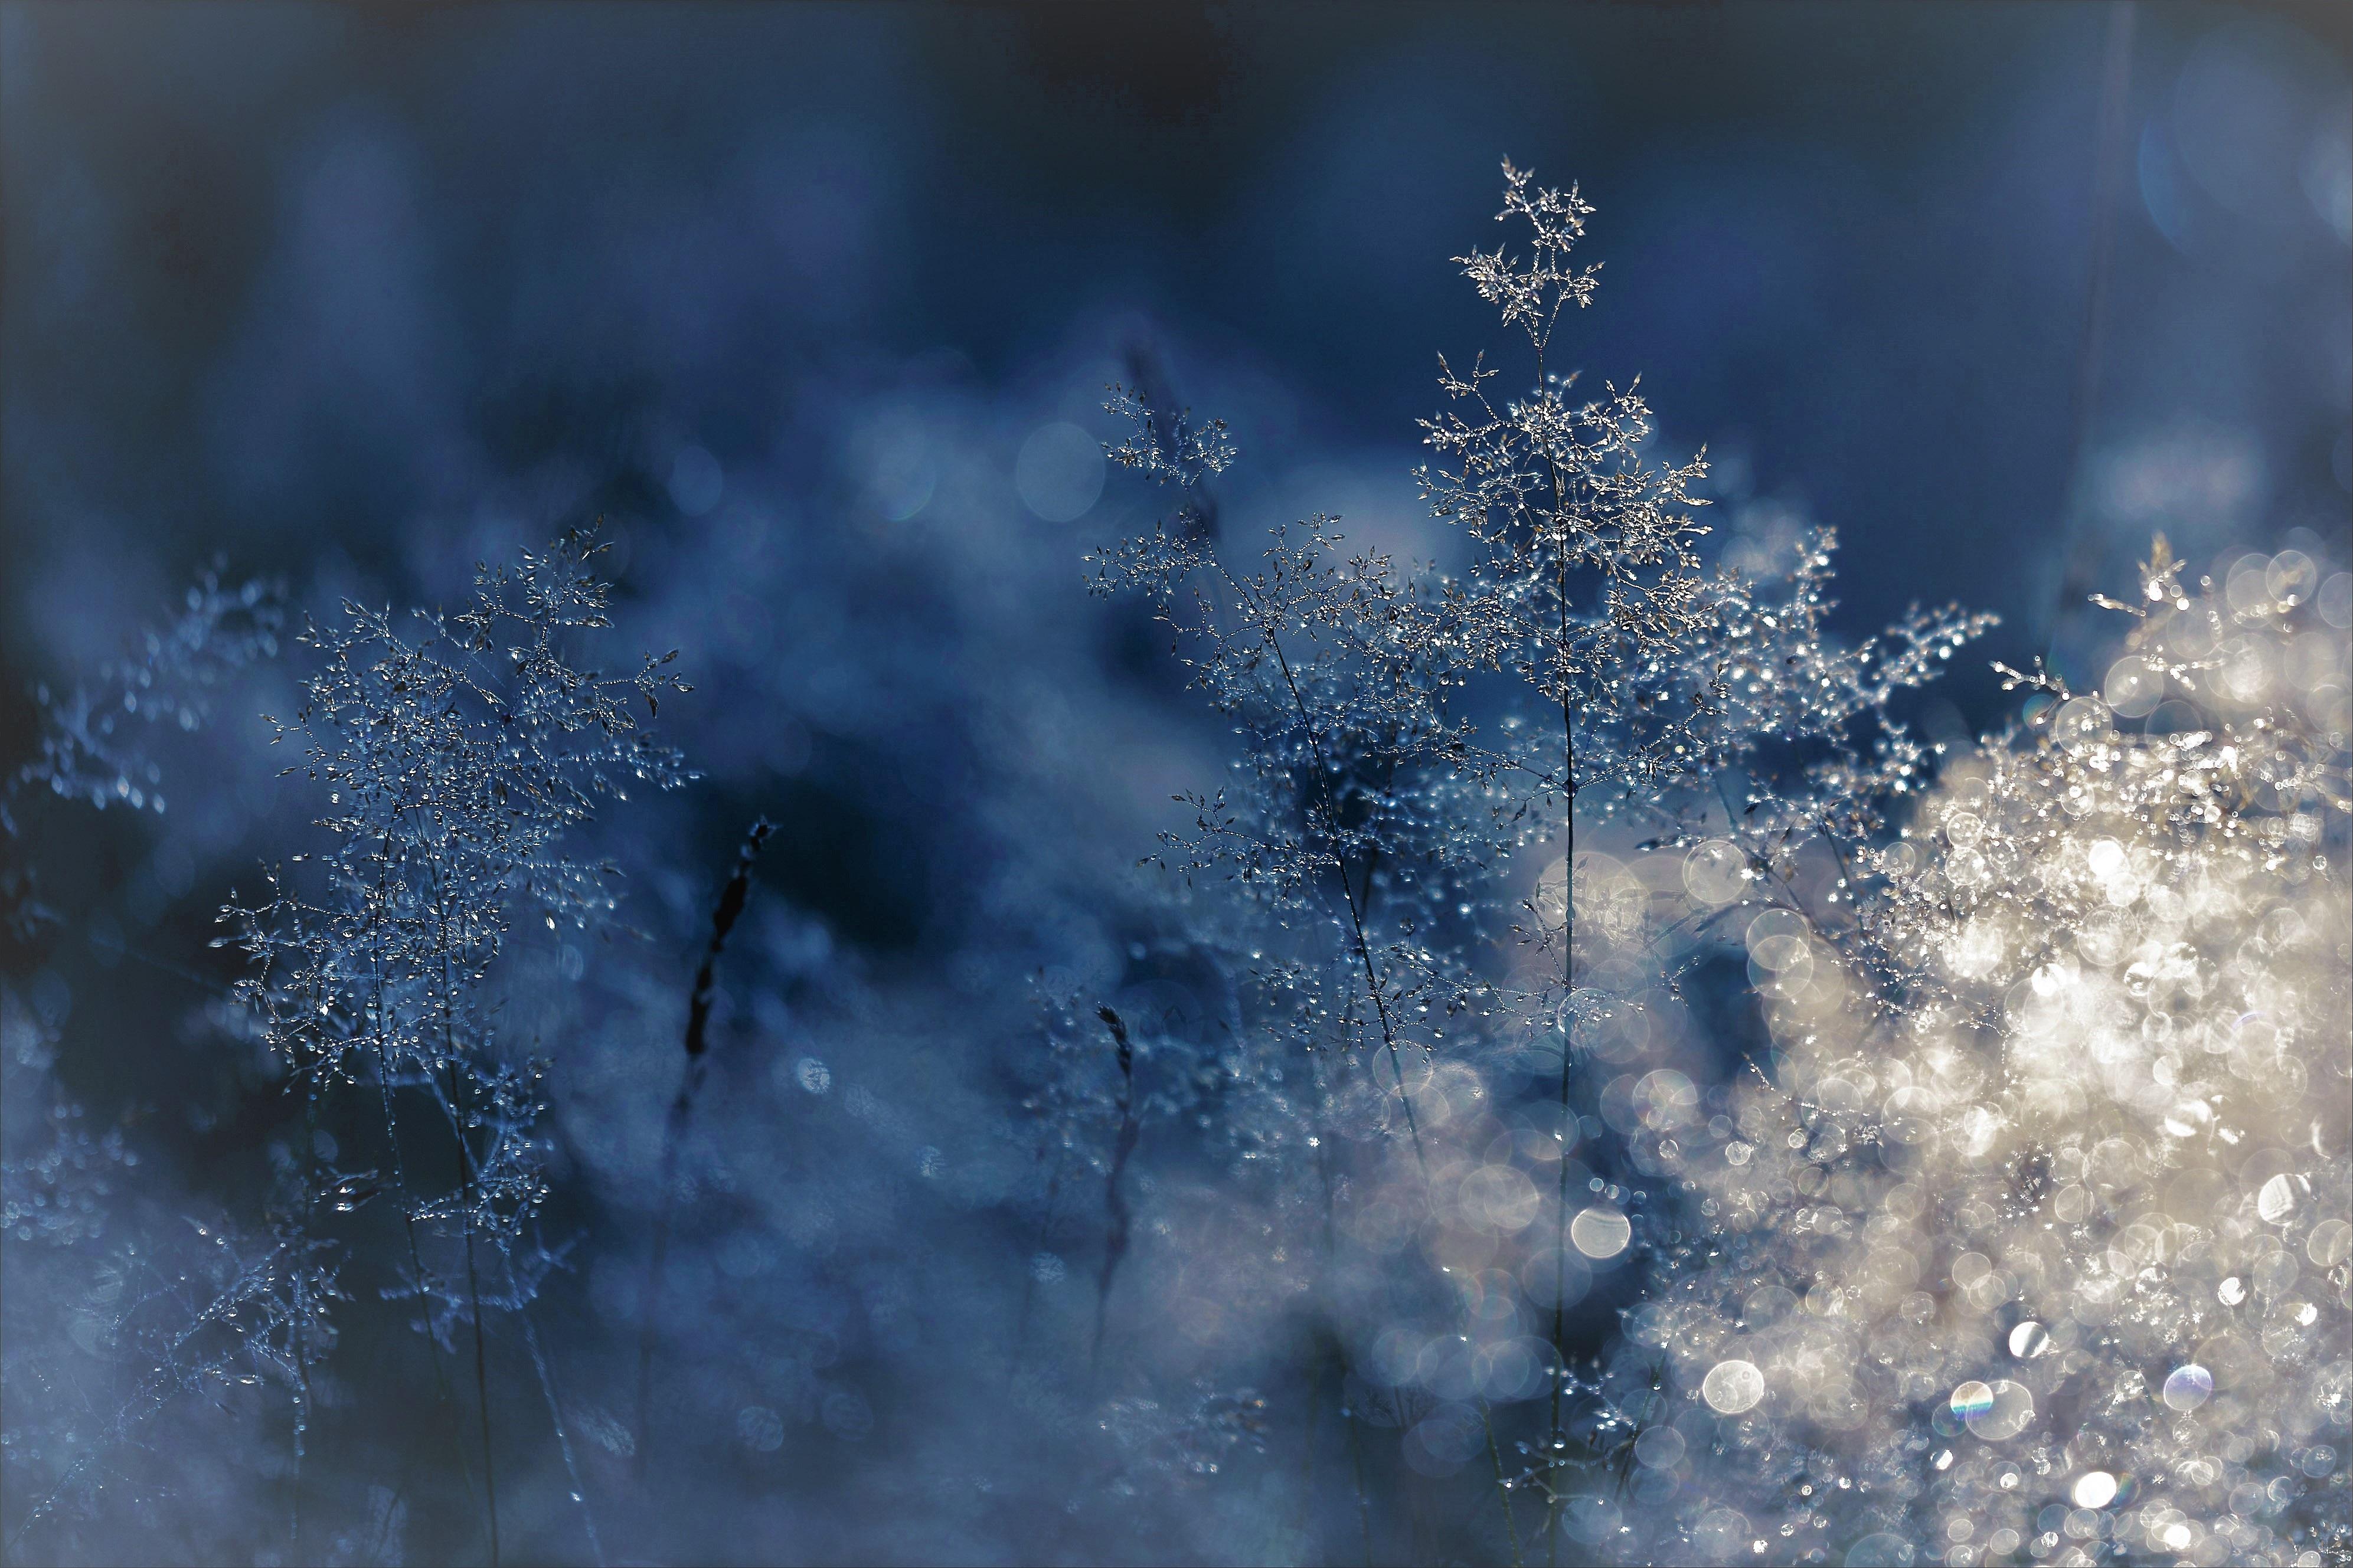 四季养生 : 冬季